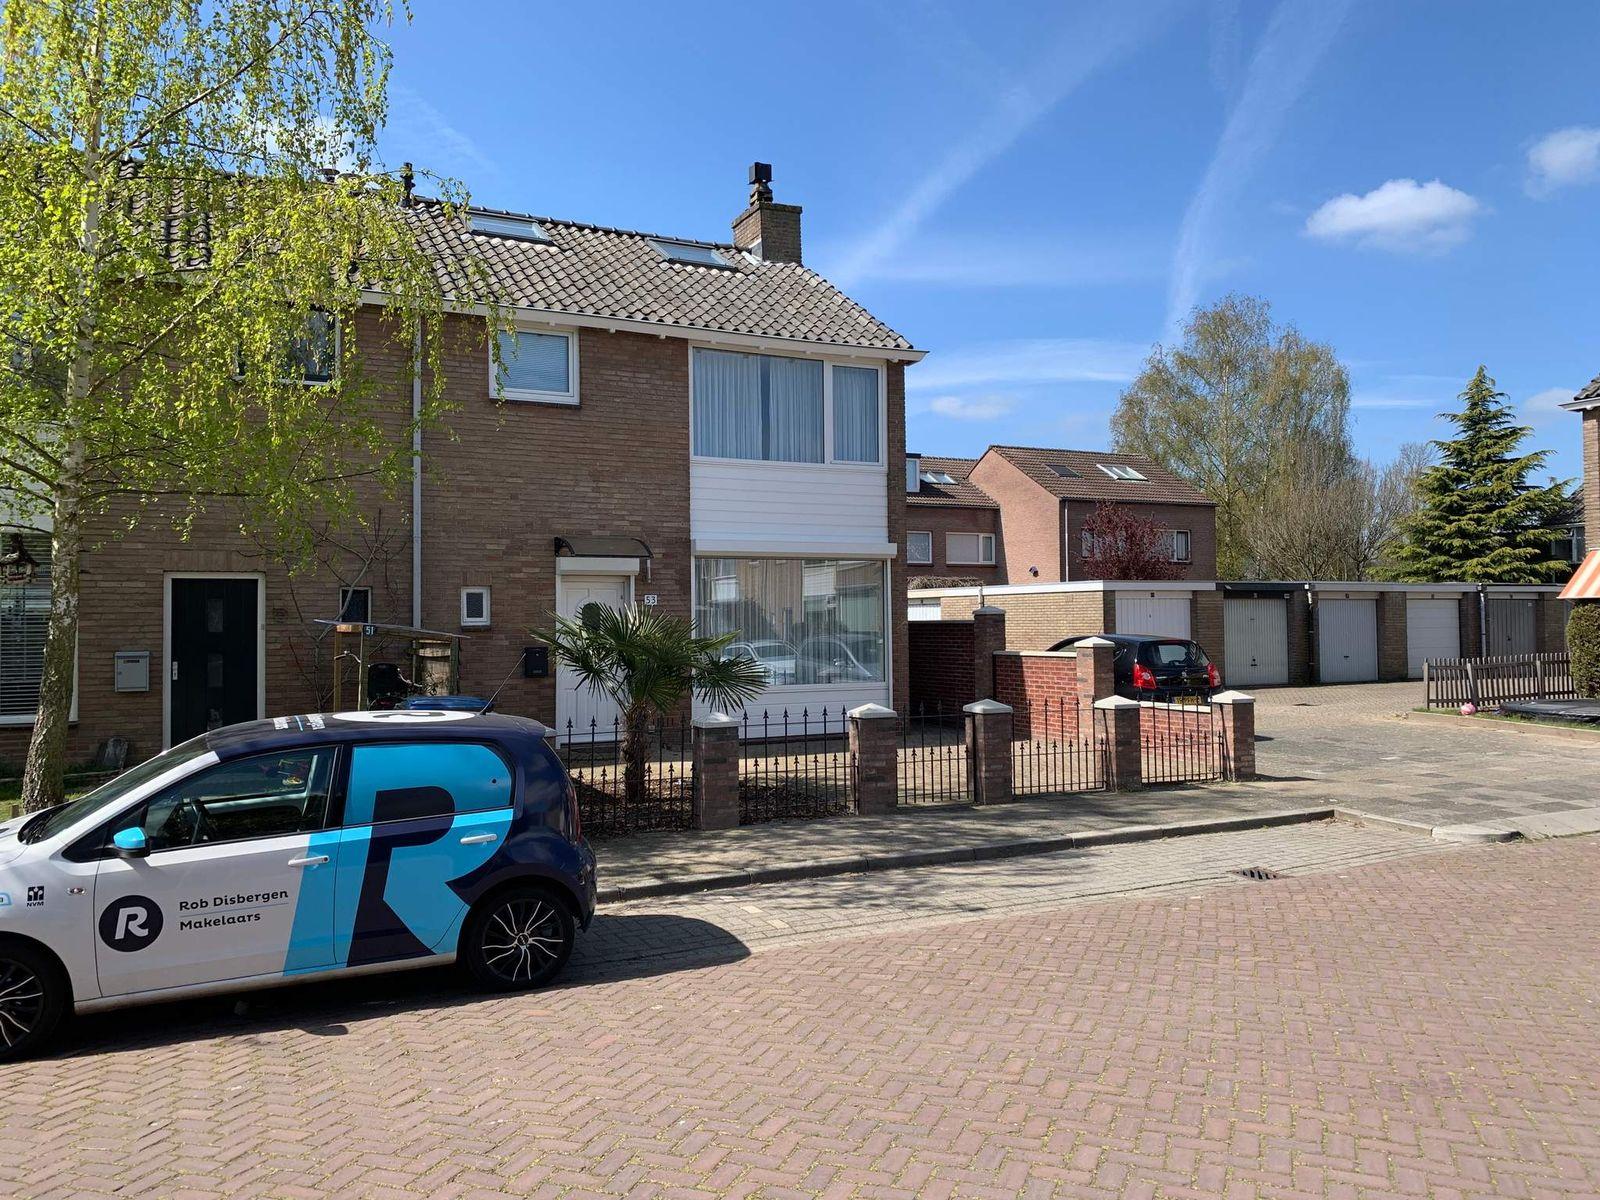 Csardasstraat 53, Nijmegen